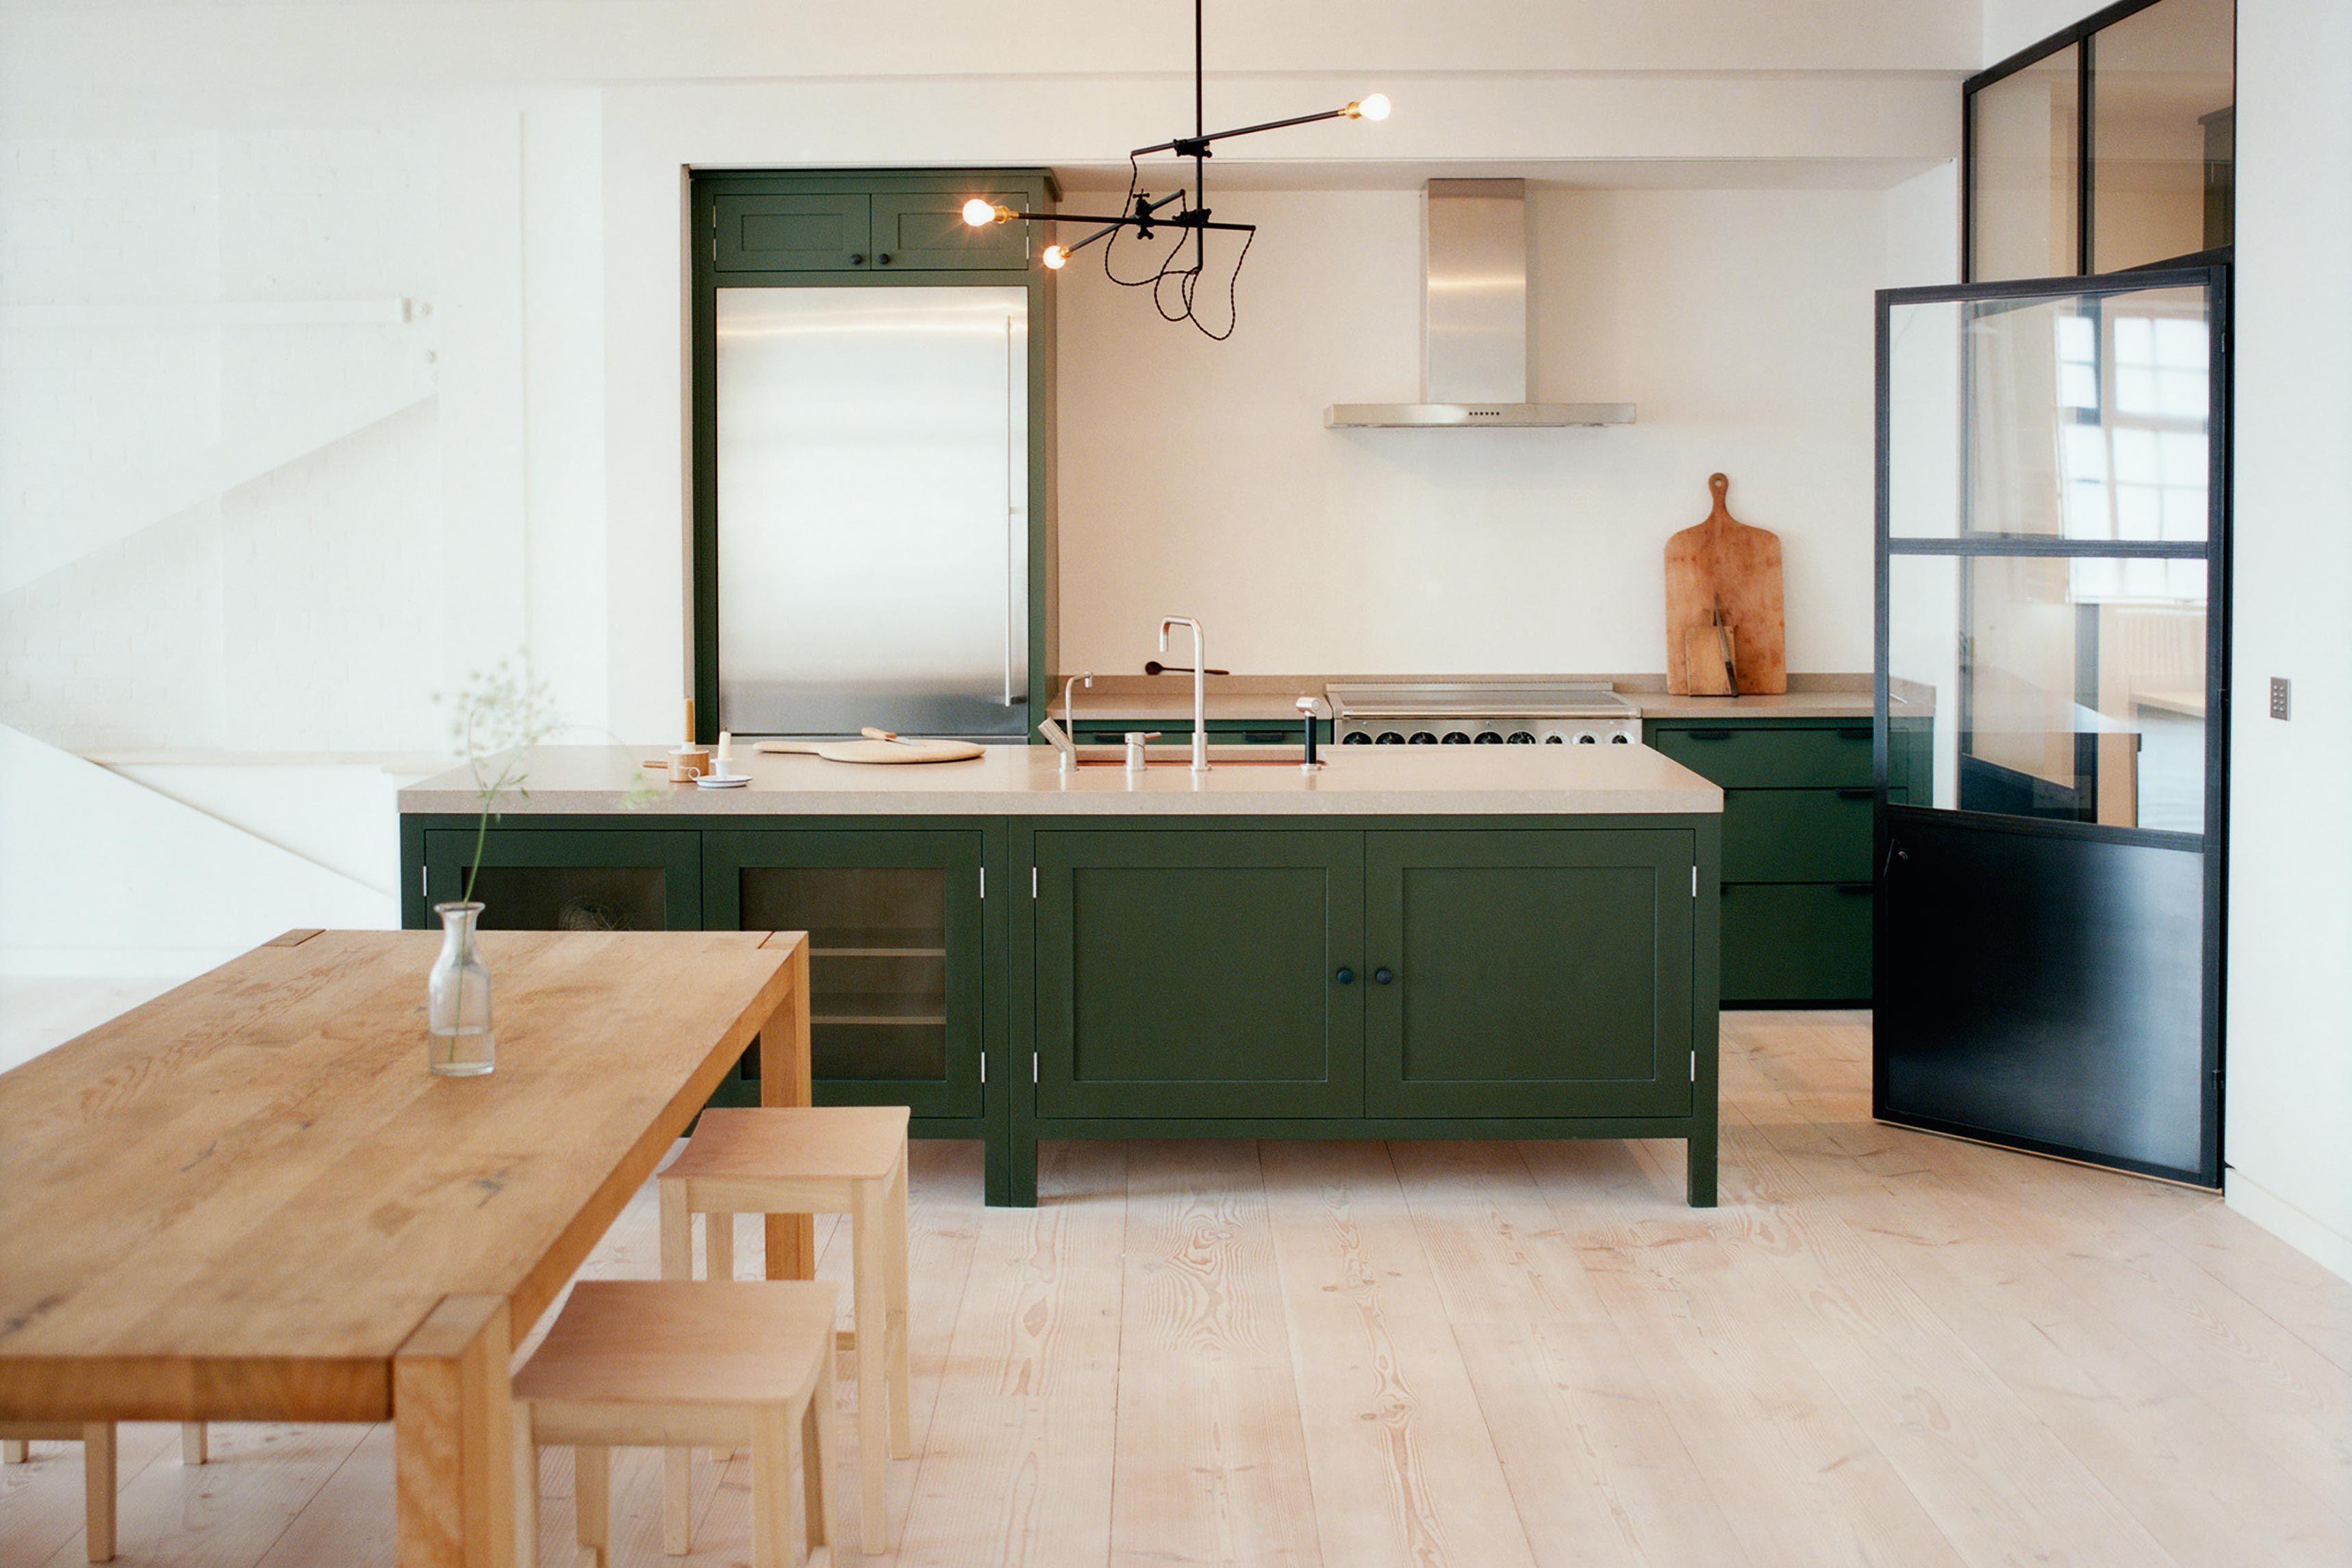 Modern kitchen with dark green and wooden furniture kitchen